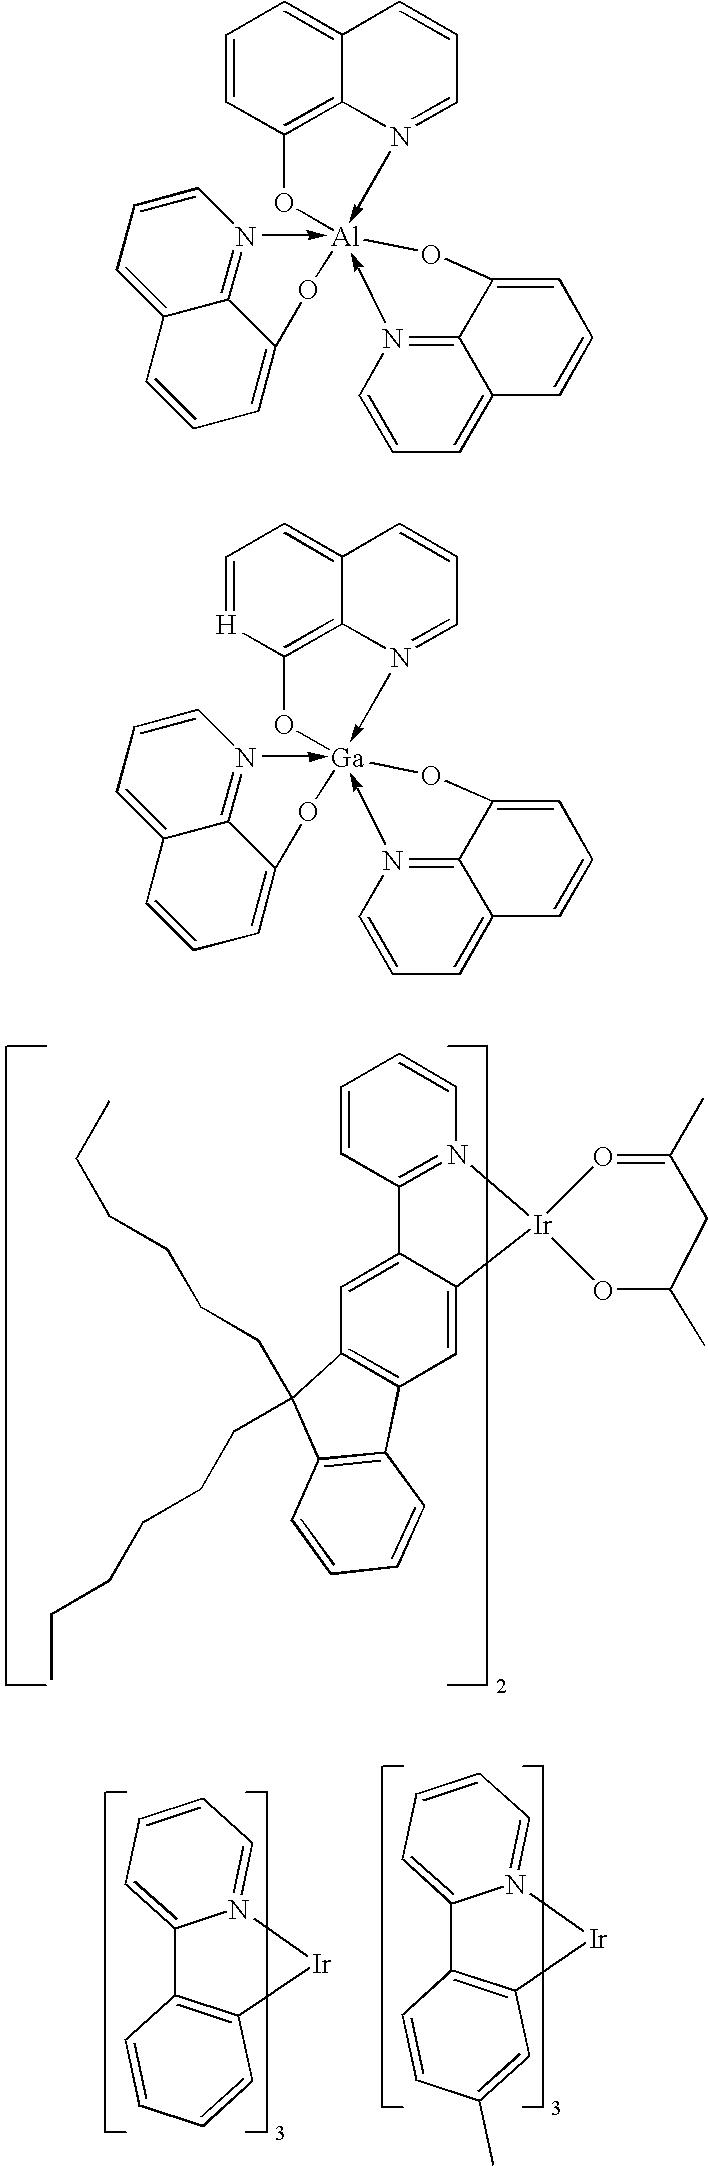 Figure US07851579-20101214-C00017